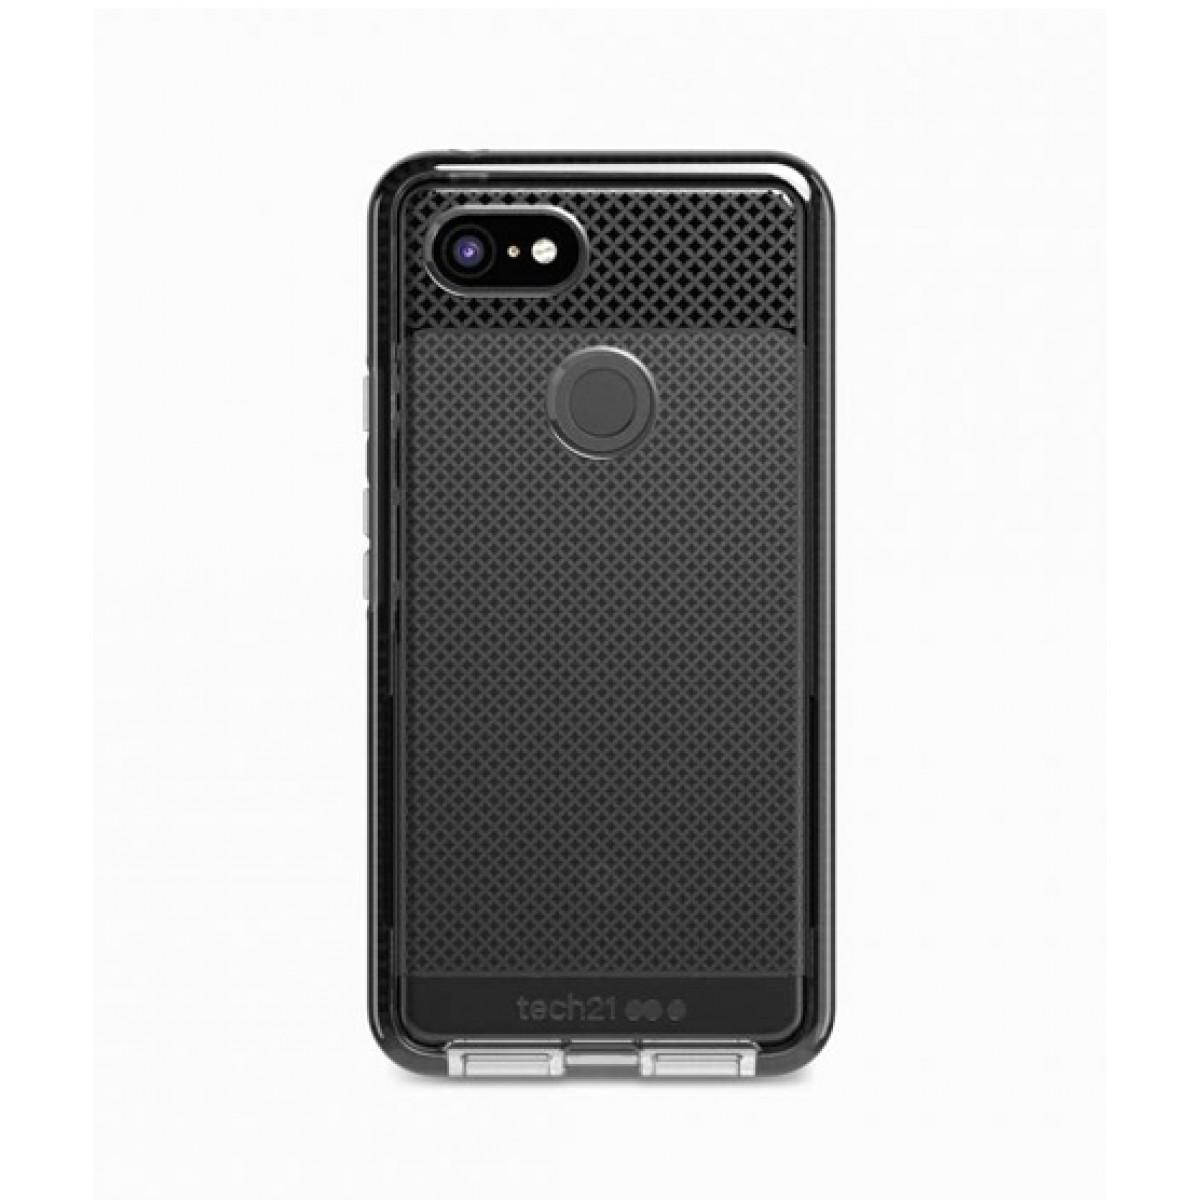 low priced f6a1b 9449c Tech21 Evo Check Smokey Black Case For Google Pixel 3 XL